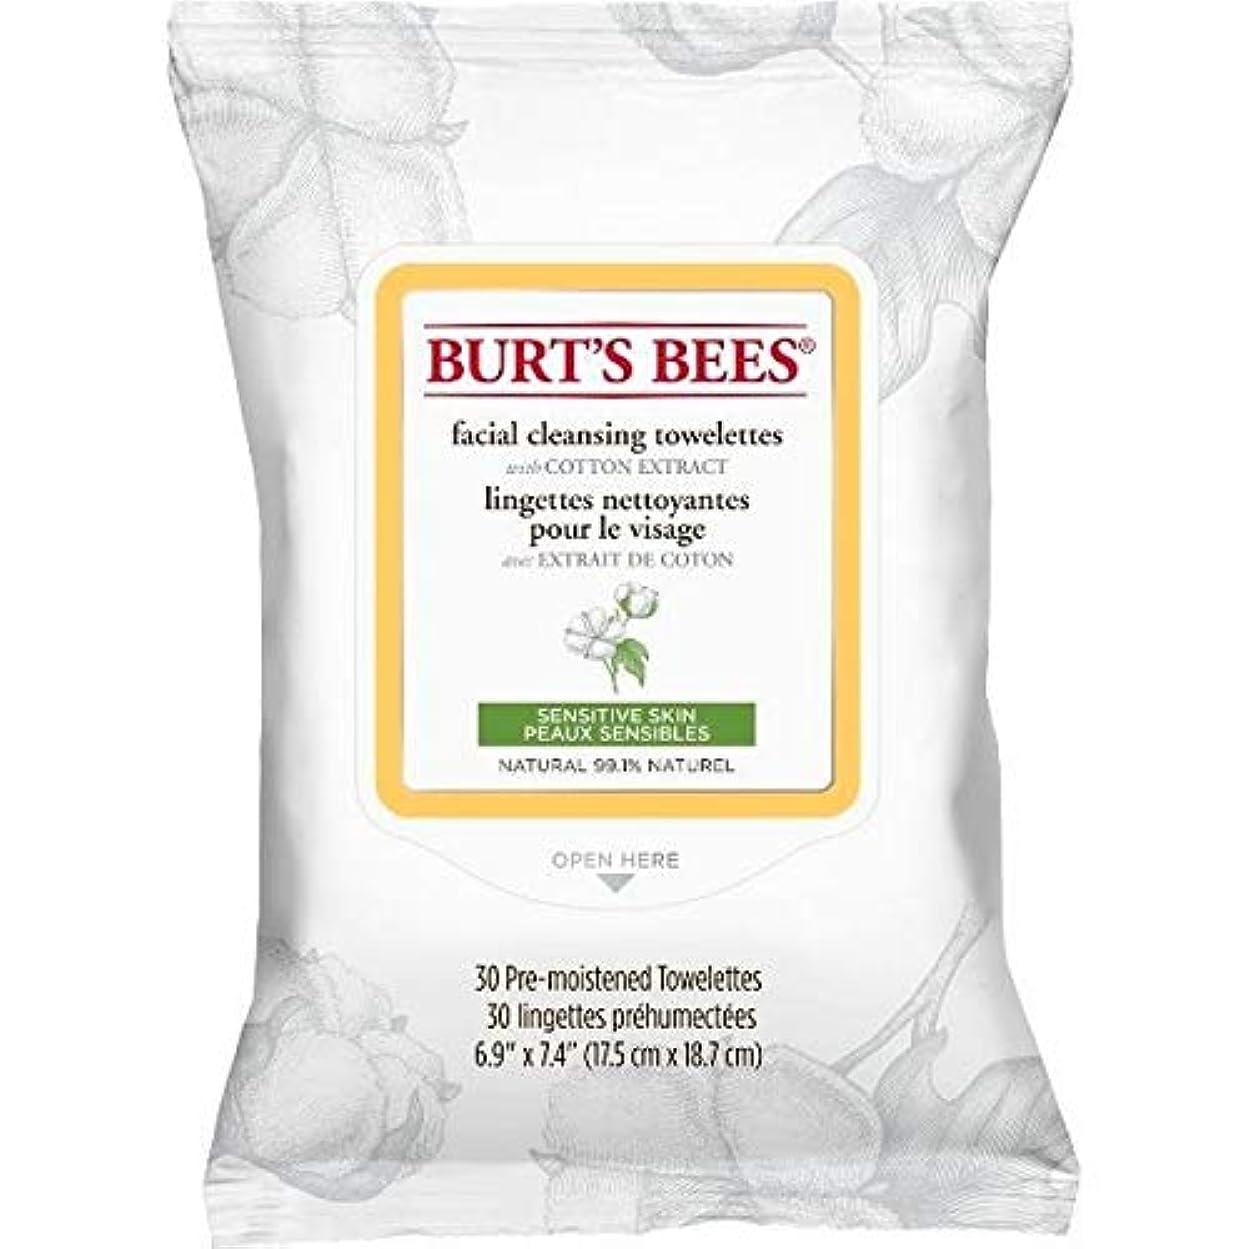 したがってスパーク描写[Burt's Bees ] バーツビー敏感な顔の浄化用ペーパータオルエキスX30 - Burt's Bees Sensitive Facial Cleanse Towelettes Extract x30 [並行輸入品]